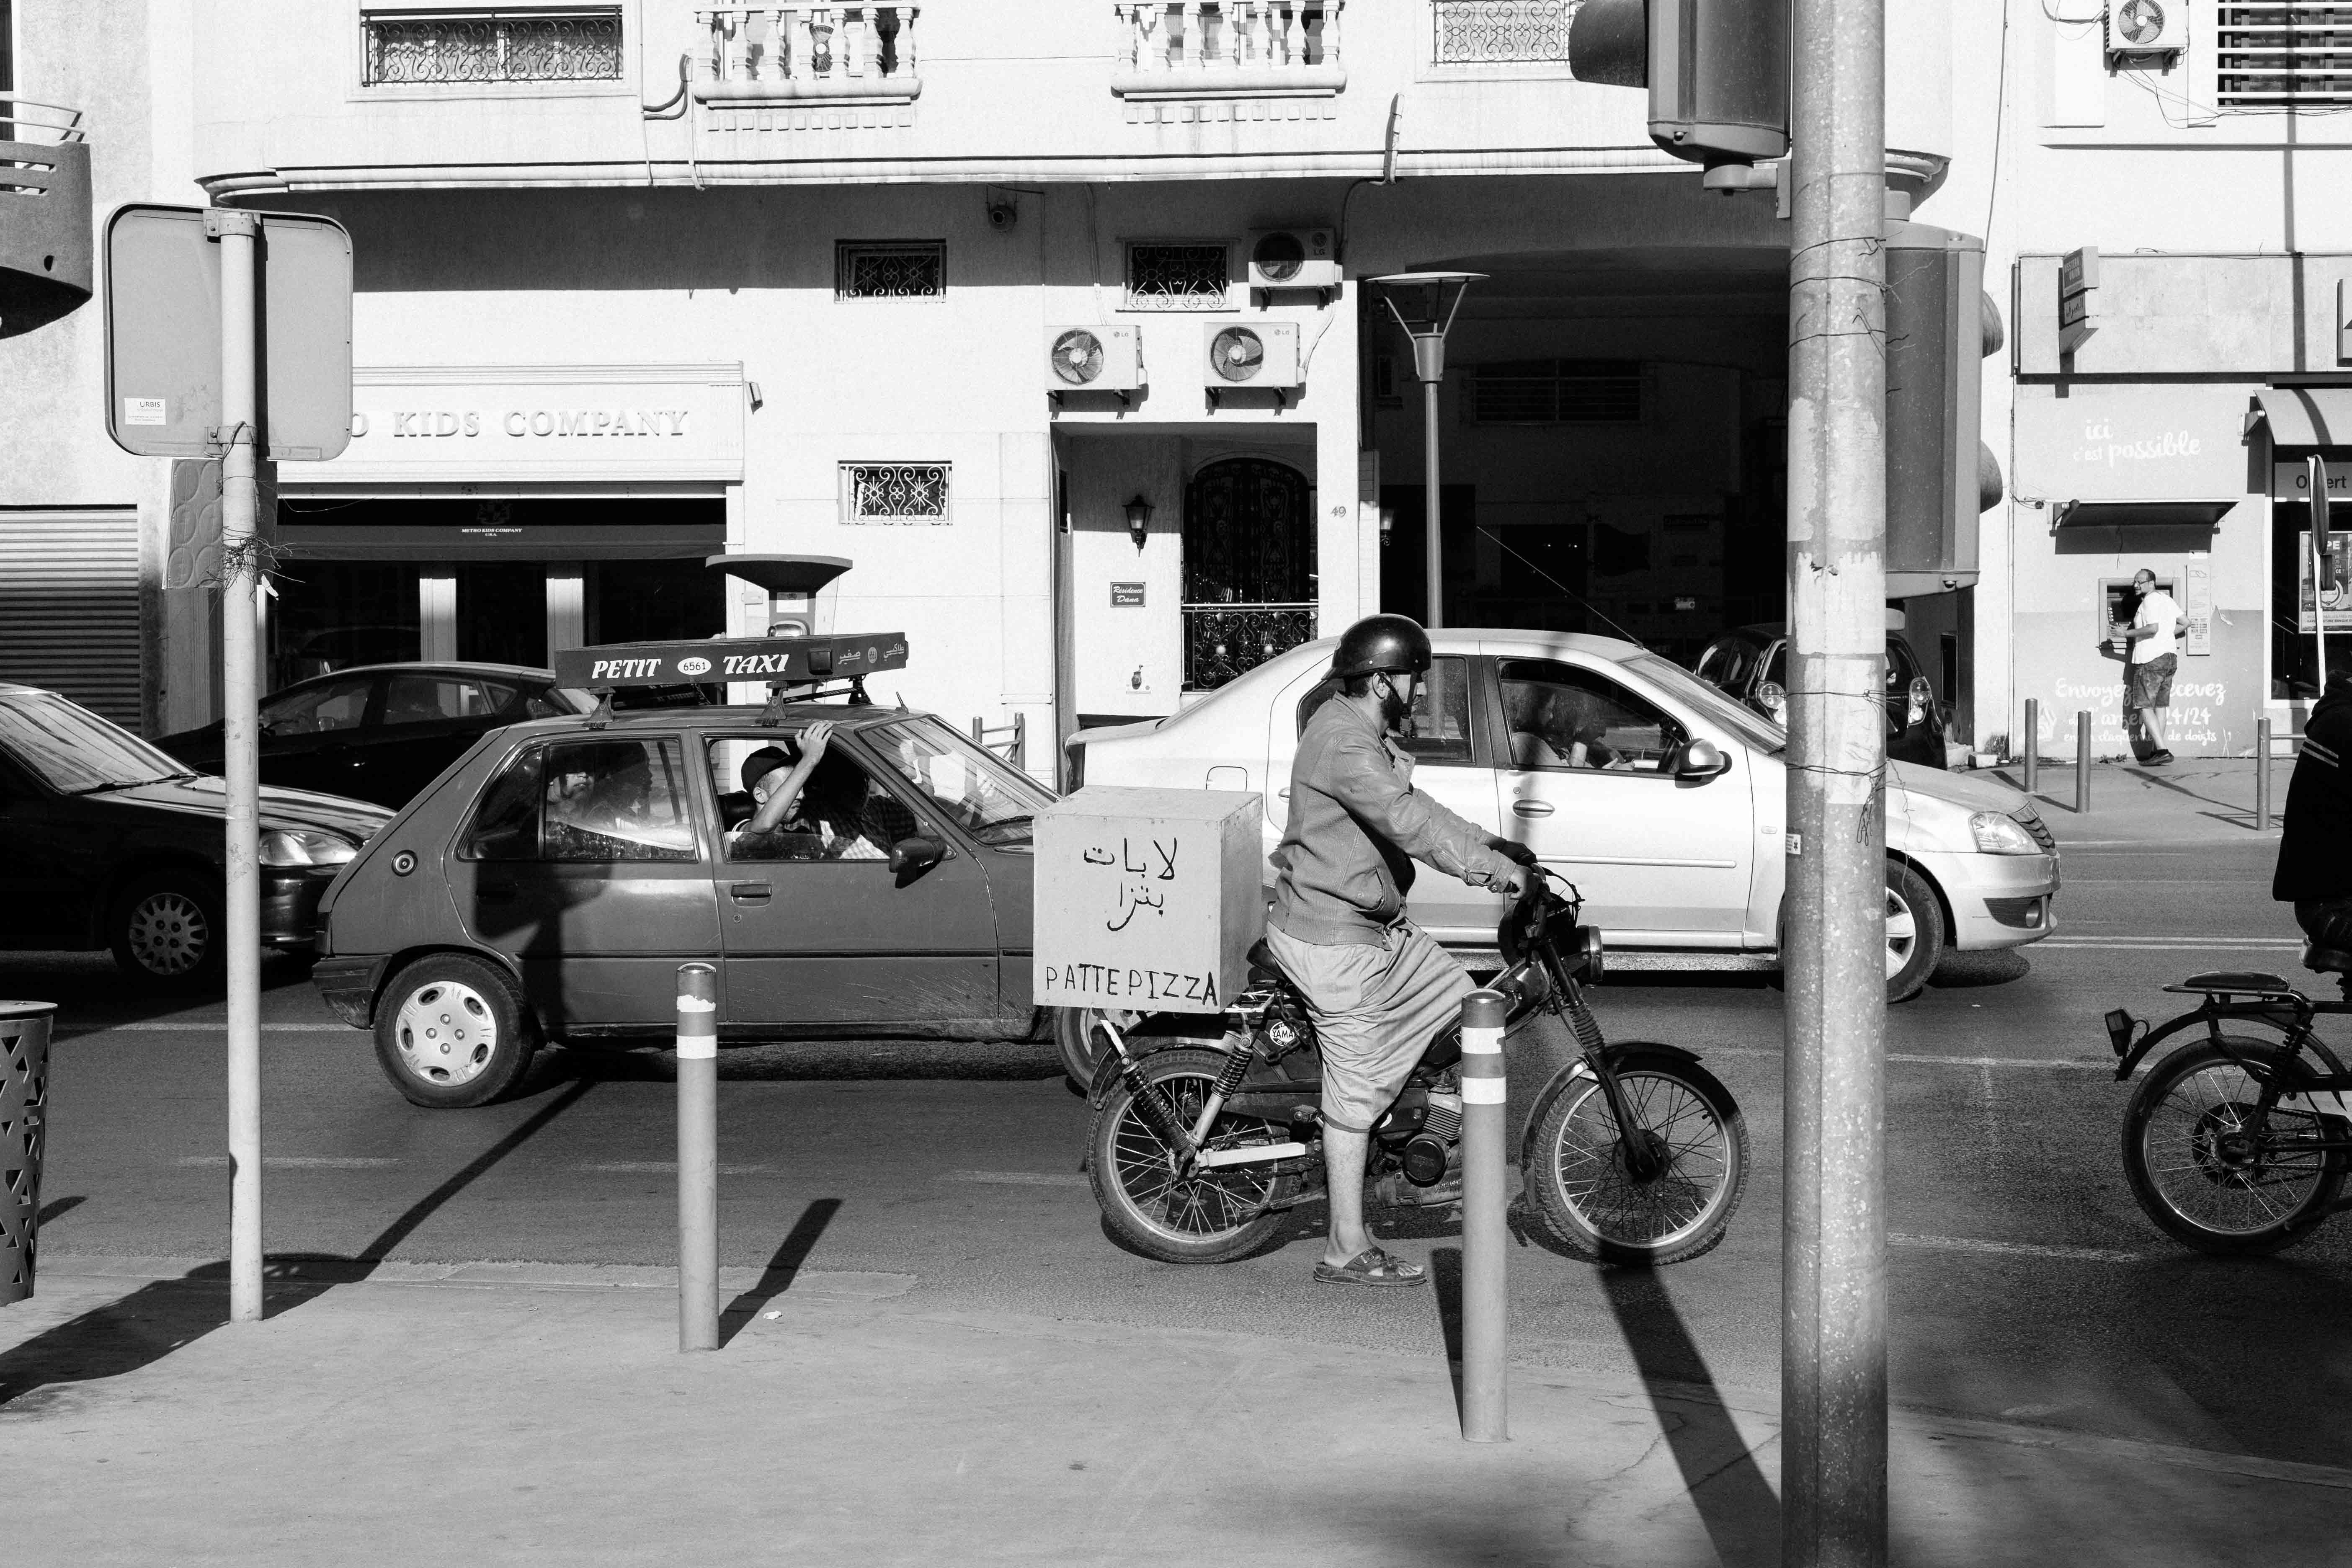 Rue Casablanca © Mehdi Drissi / Onorientour